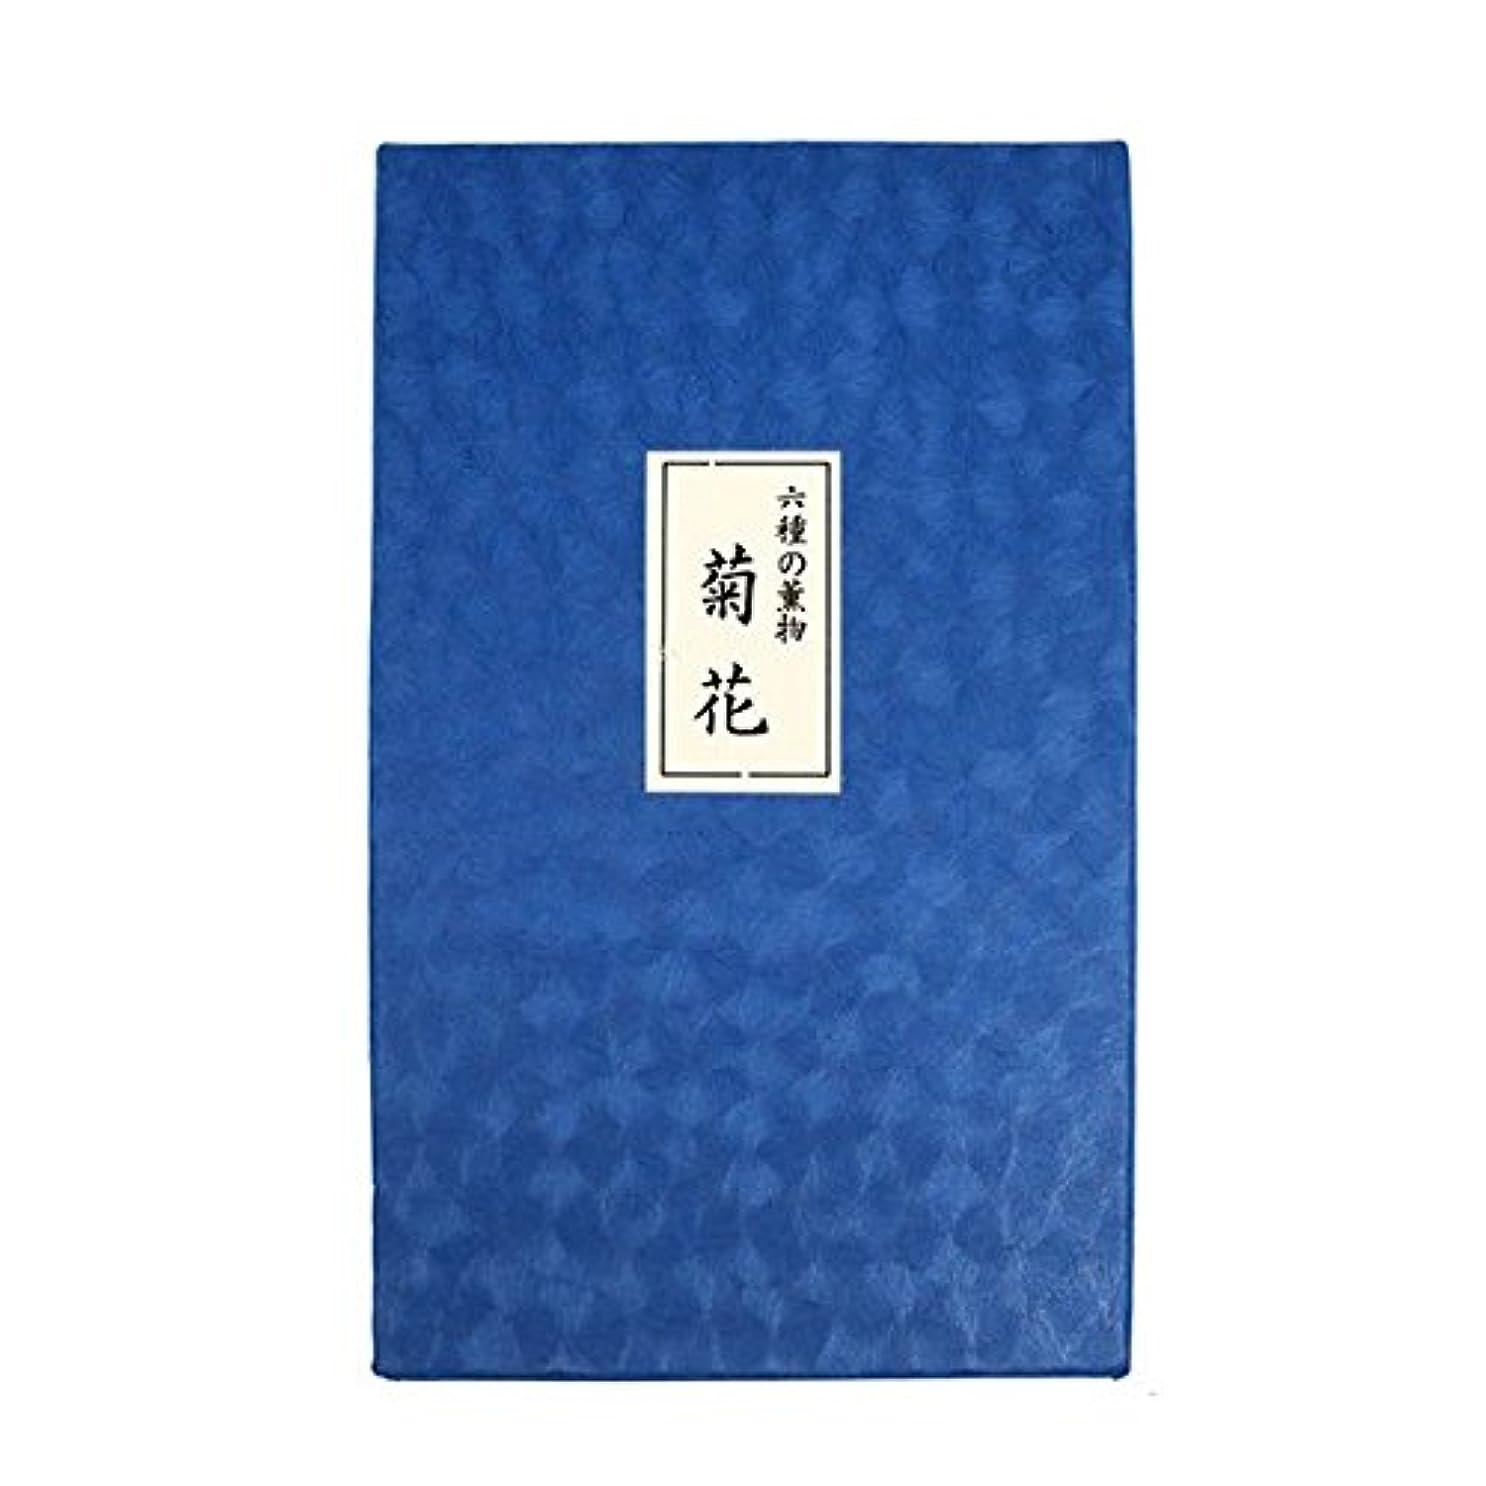 継続中迷彩教育者六種の薫物 菊花 貝入畳紙包 紙箱入